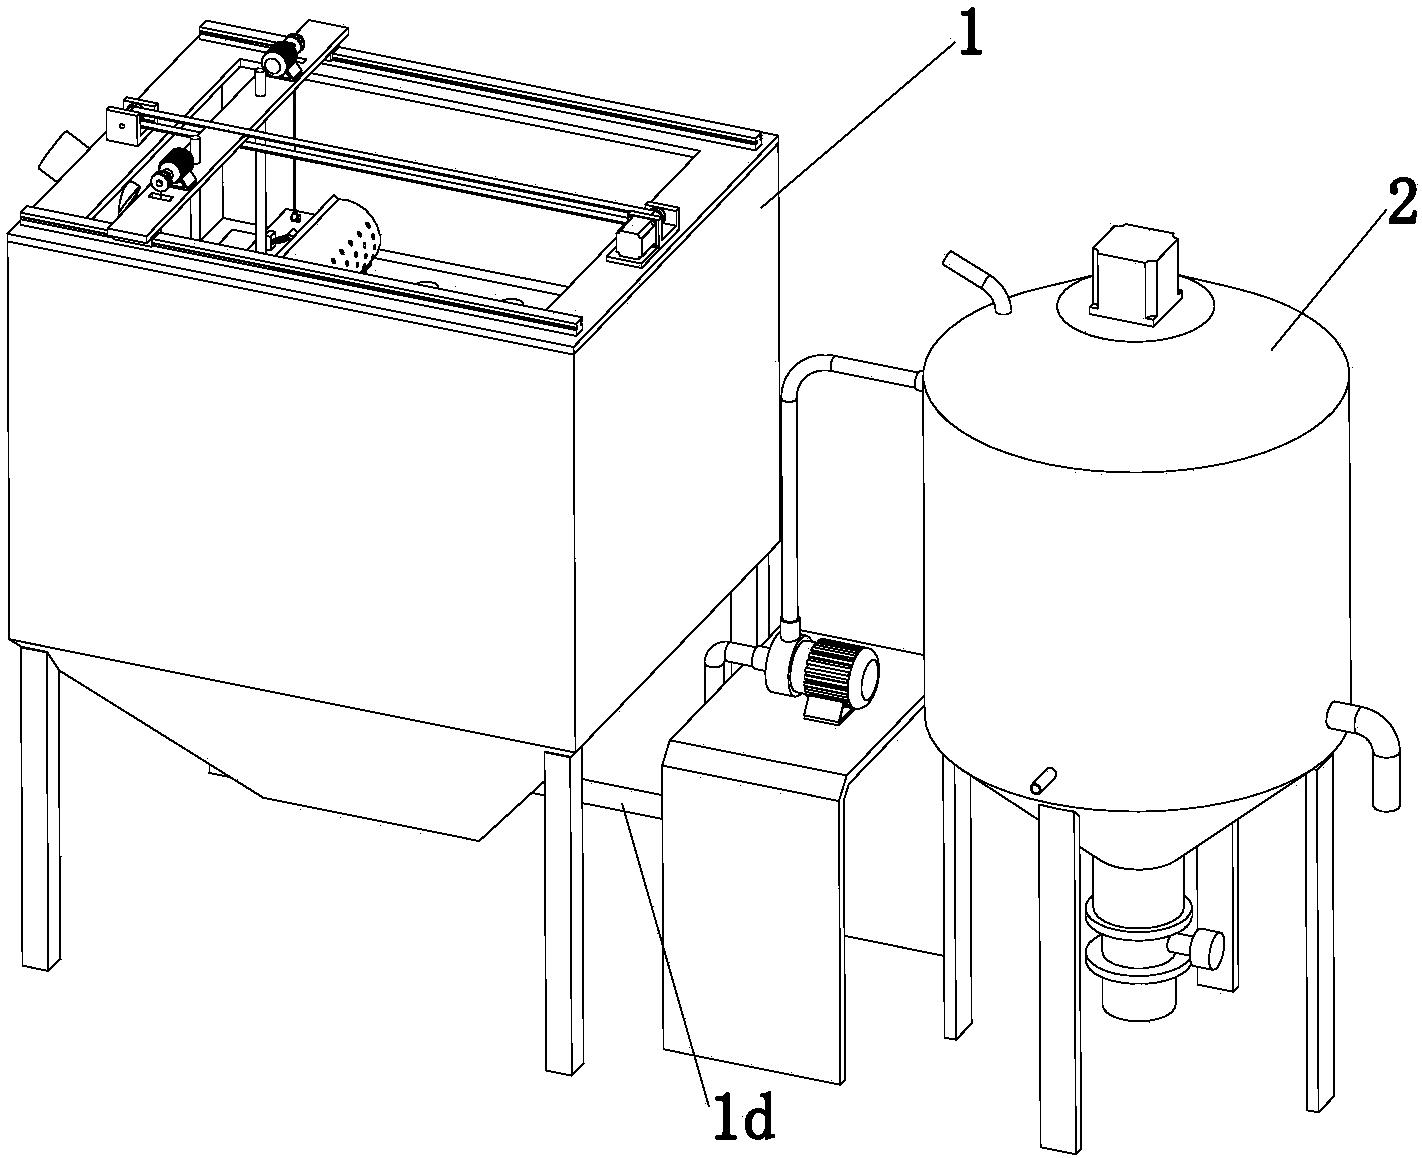 造纸污水处理设备的作业方法